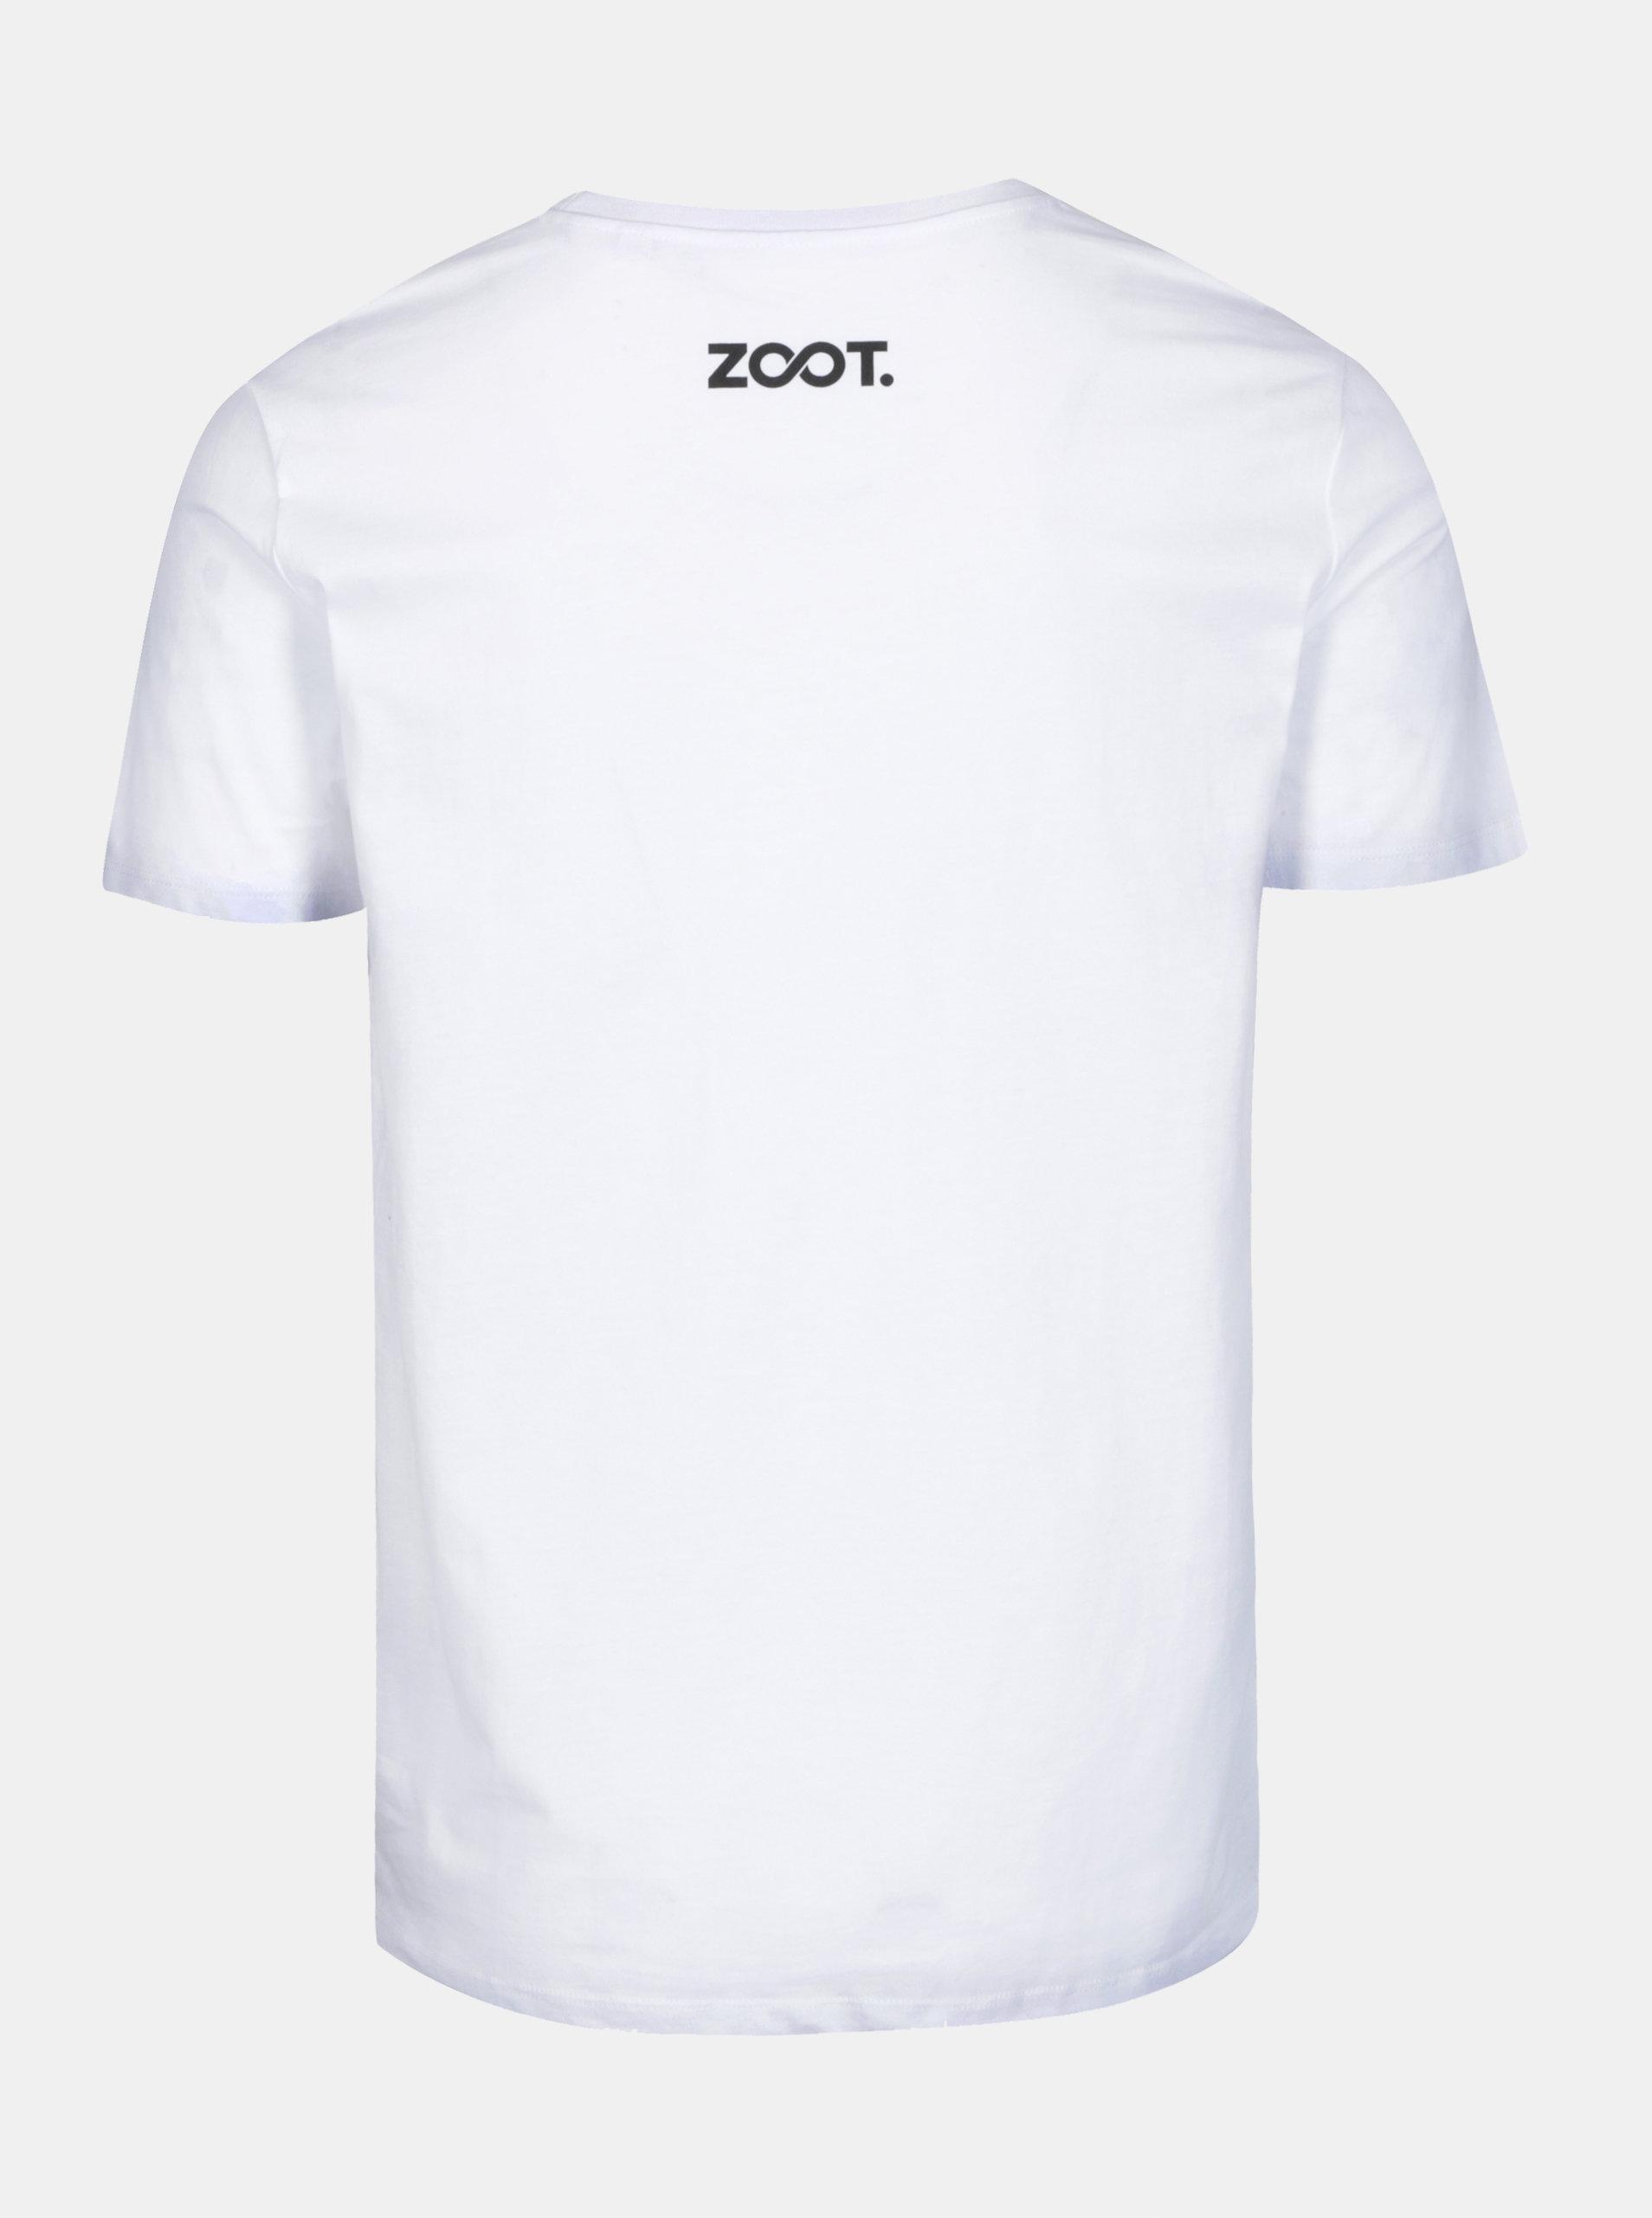 ba3a06998965 Biele pánske tričko s potlačou ZOOT Original Láska ...